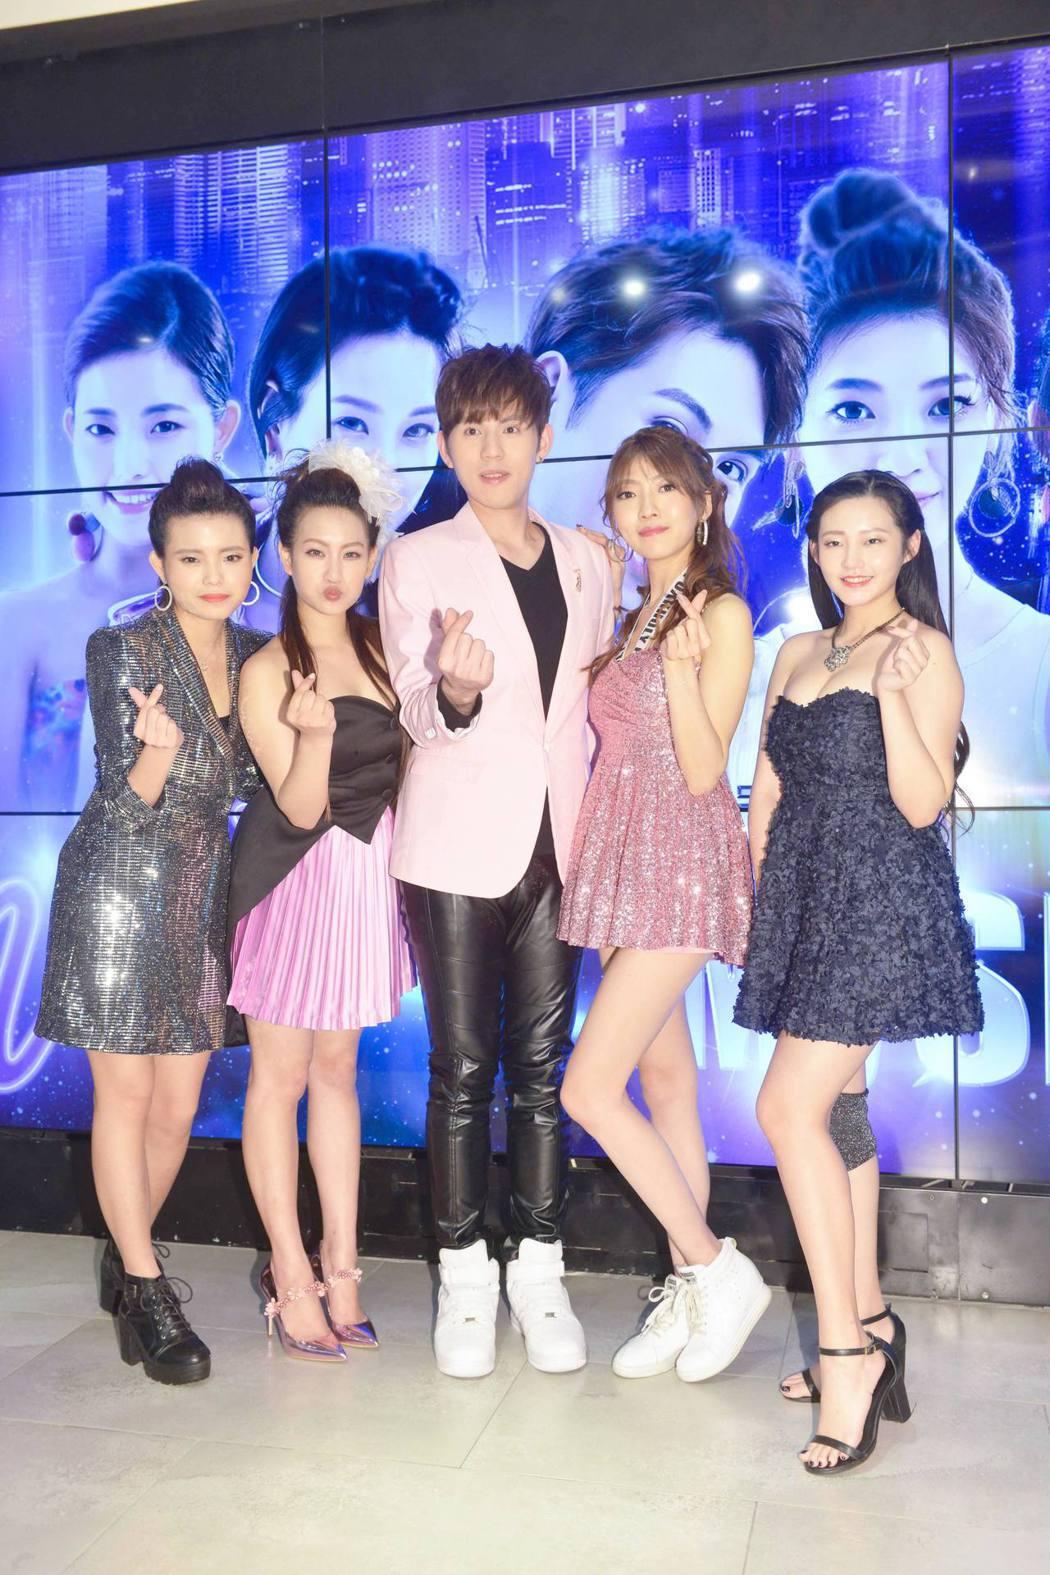 直播組左起琦欣、孝英、大豪、柔柔、欣培一連辦3天演唱會。圖/Live.me提供